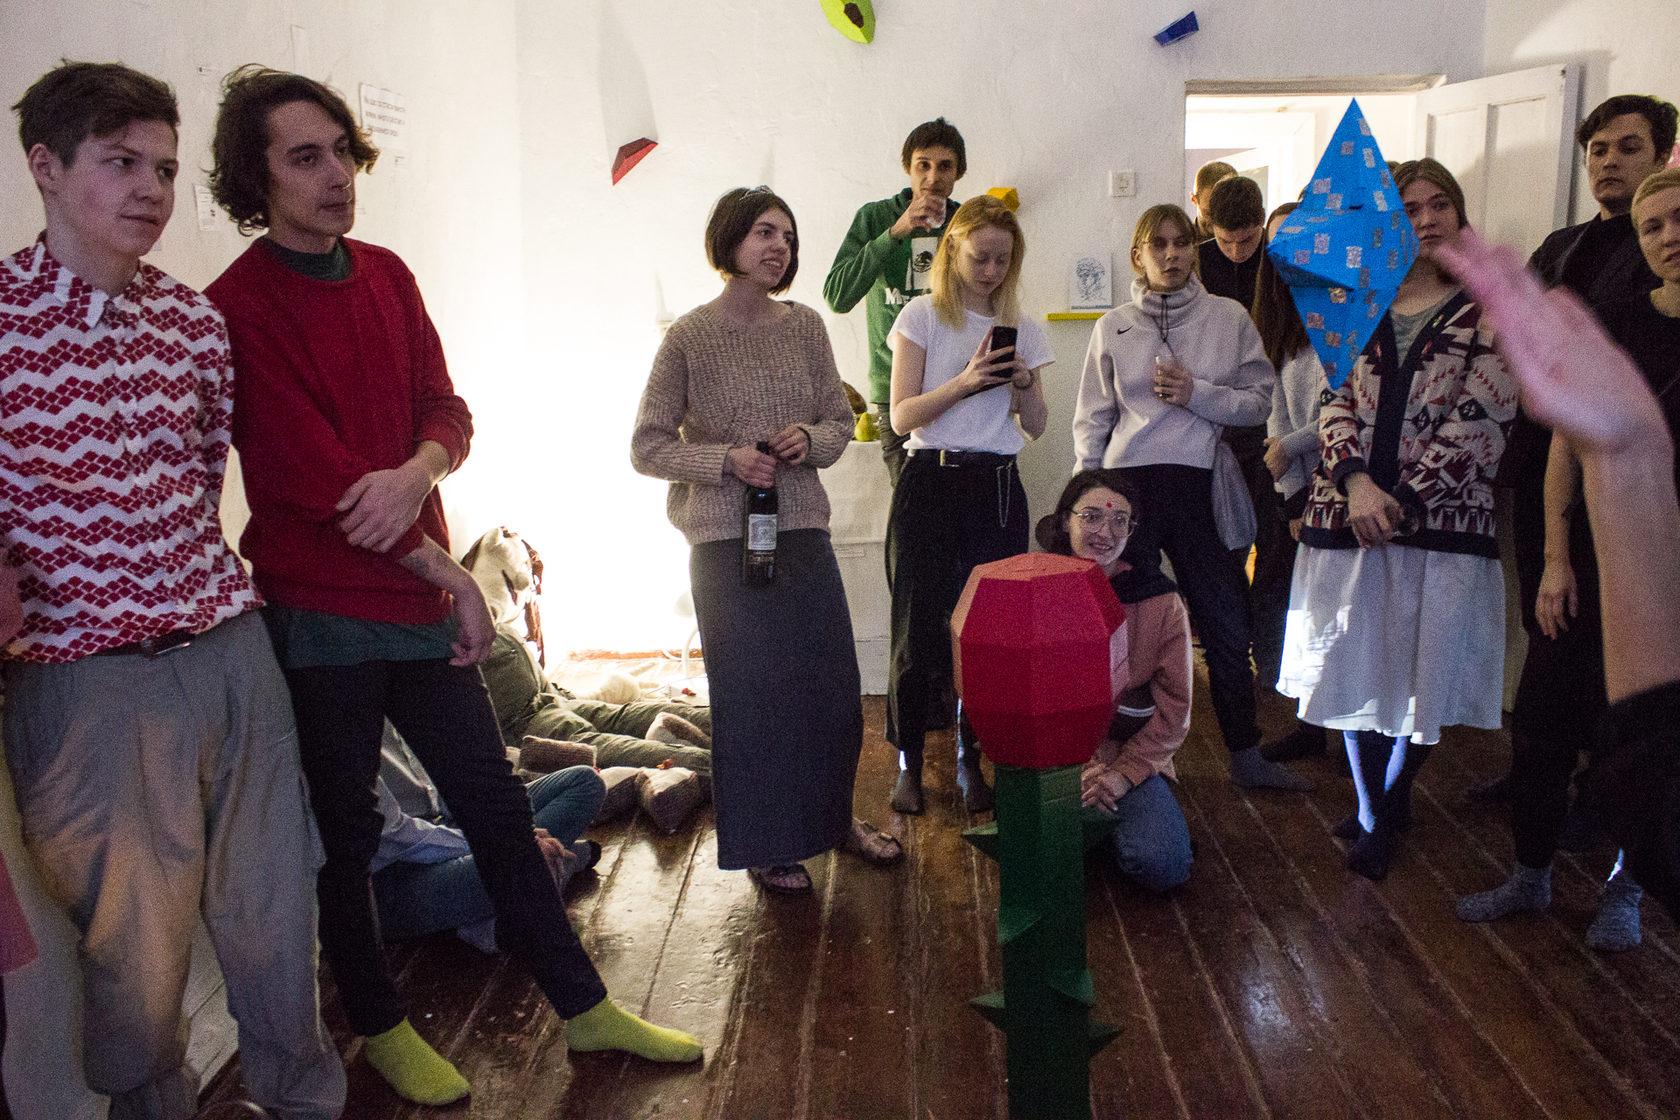 Выставка-повод, выставка-праздник 10 марта 2018 в коммуне «на дне» на улице Горького, Новосибирск.